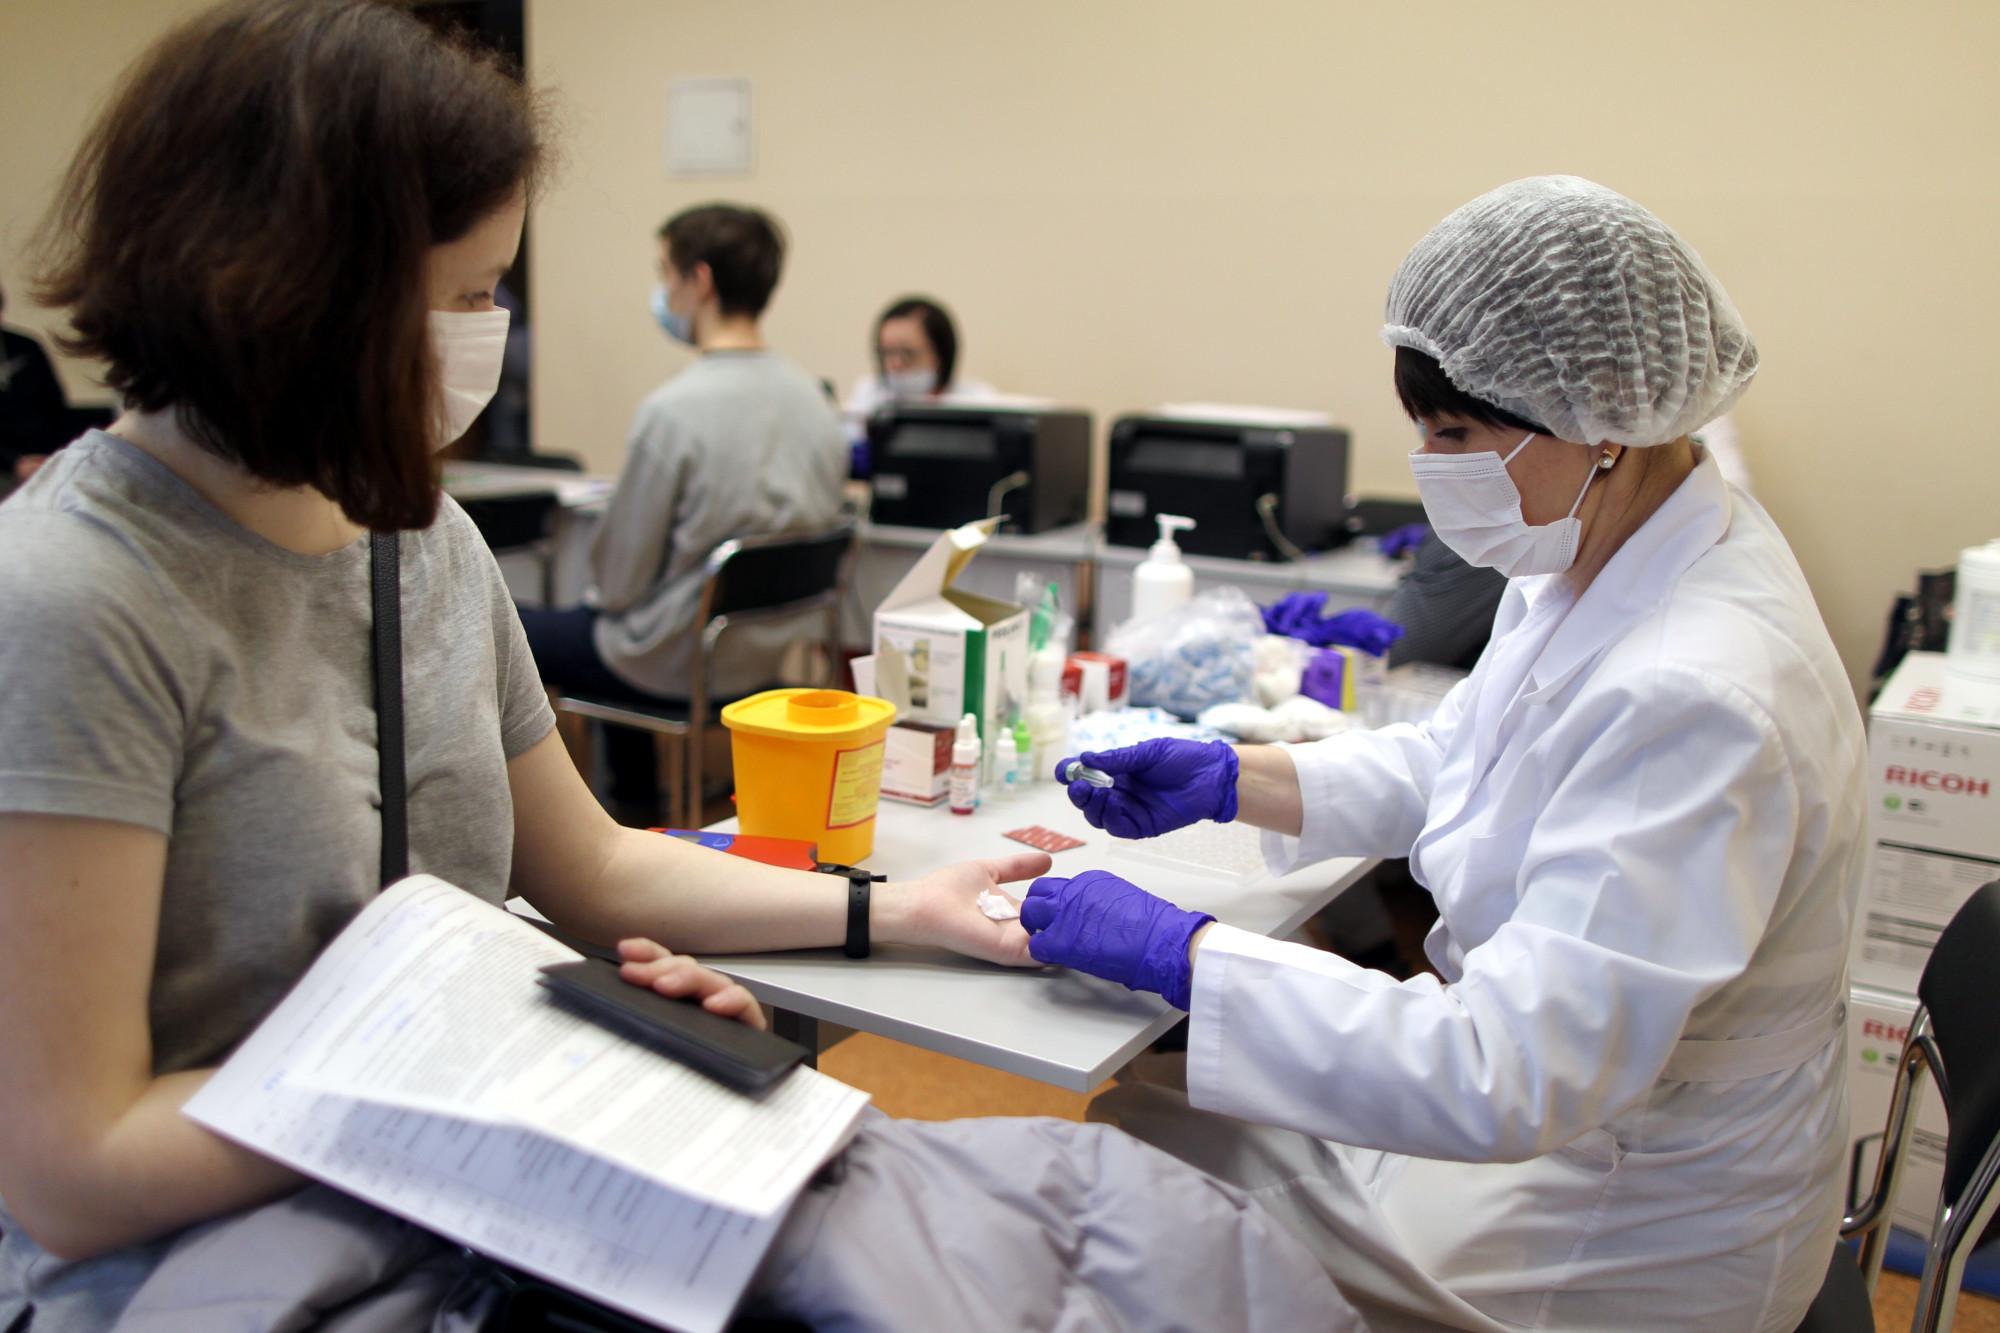 медицина, донорство, сдача анализов